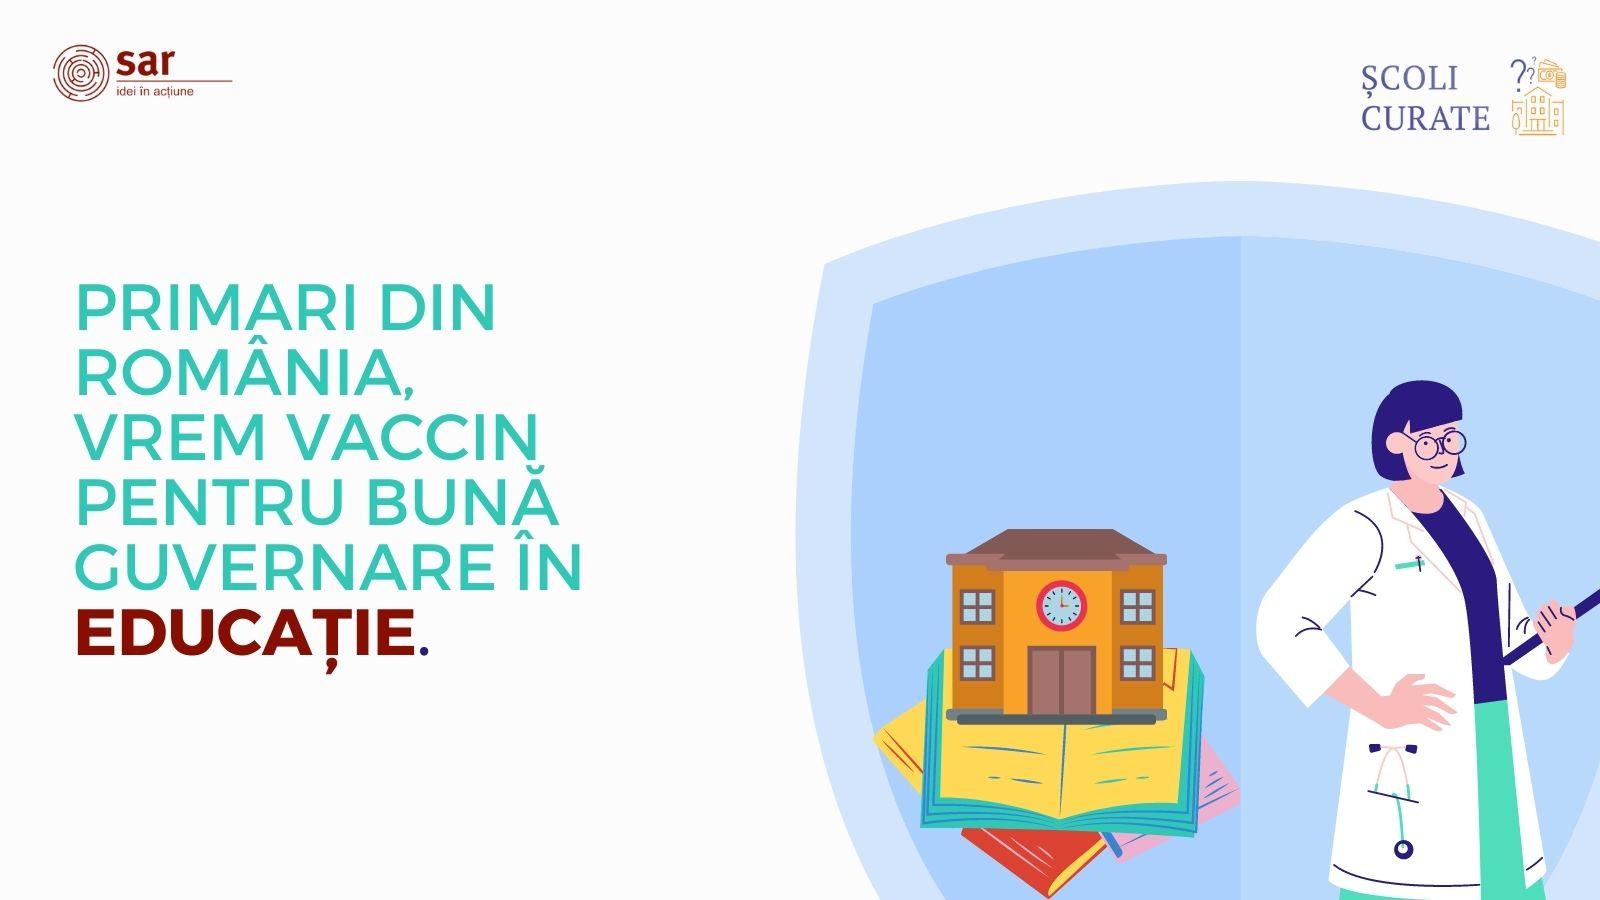 Primari din România, vrem vaccin pentru bună guvernare locală în educație!